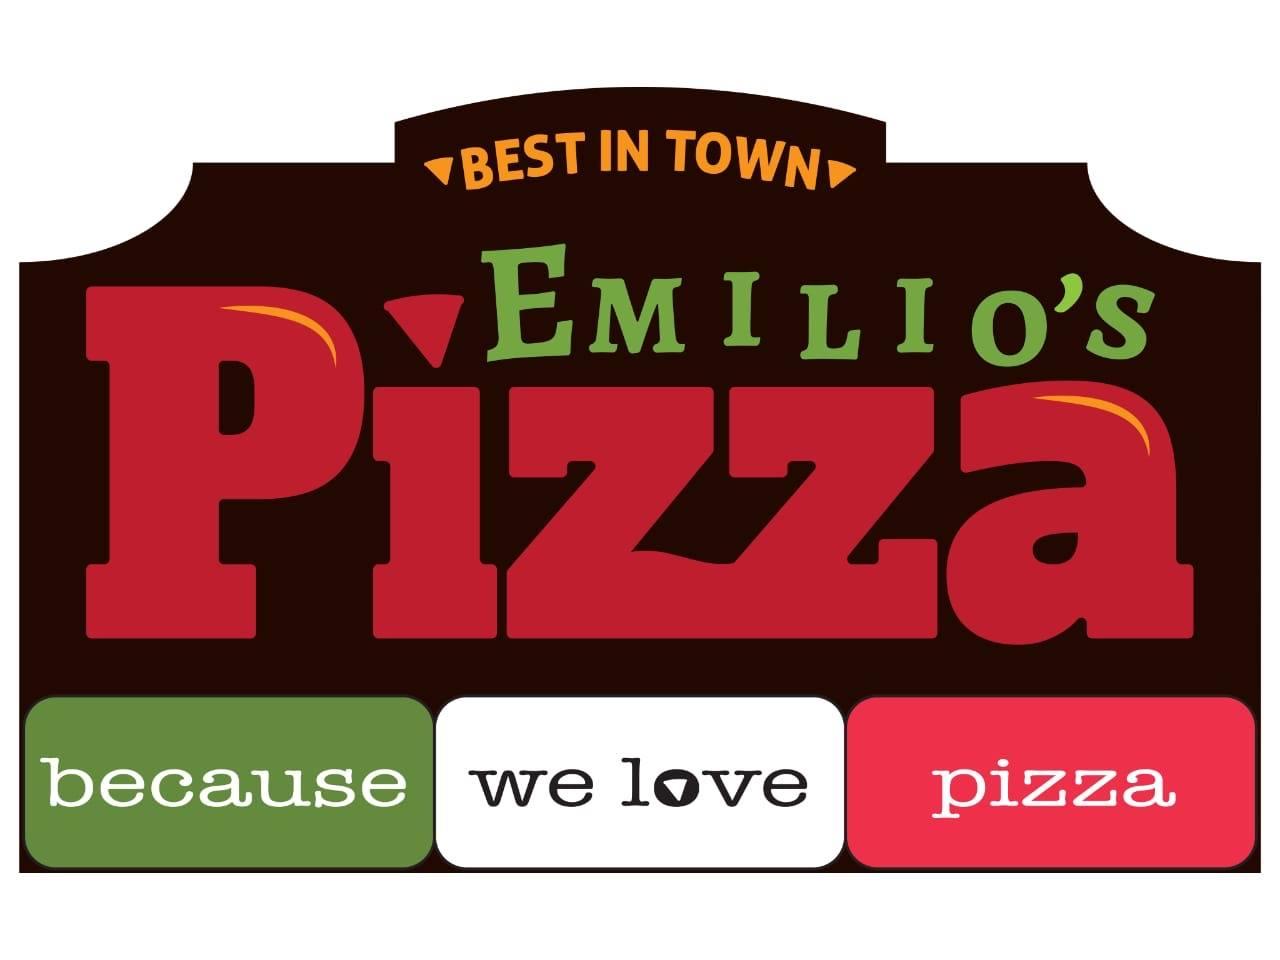 Emilios Pizza